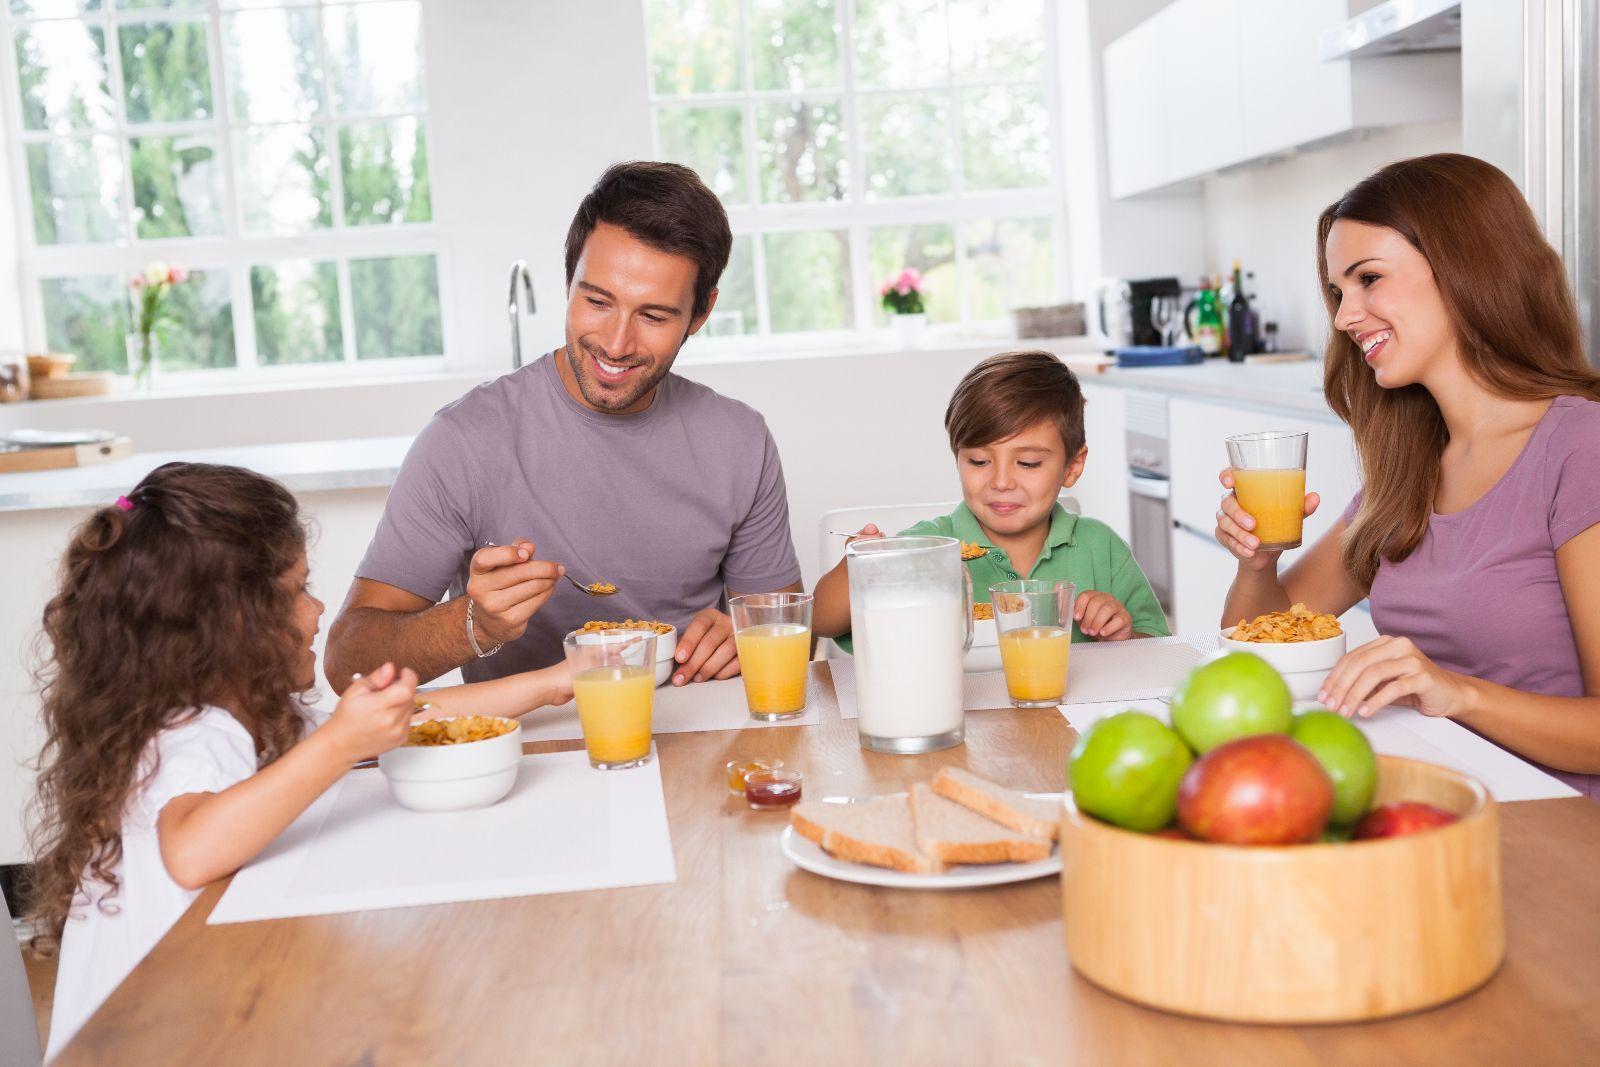 Familia desayunando en la cocina